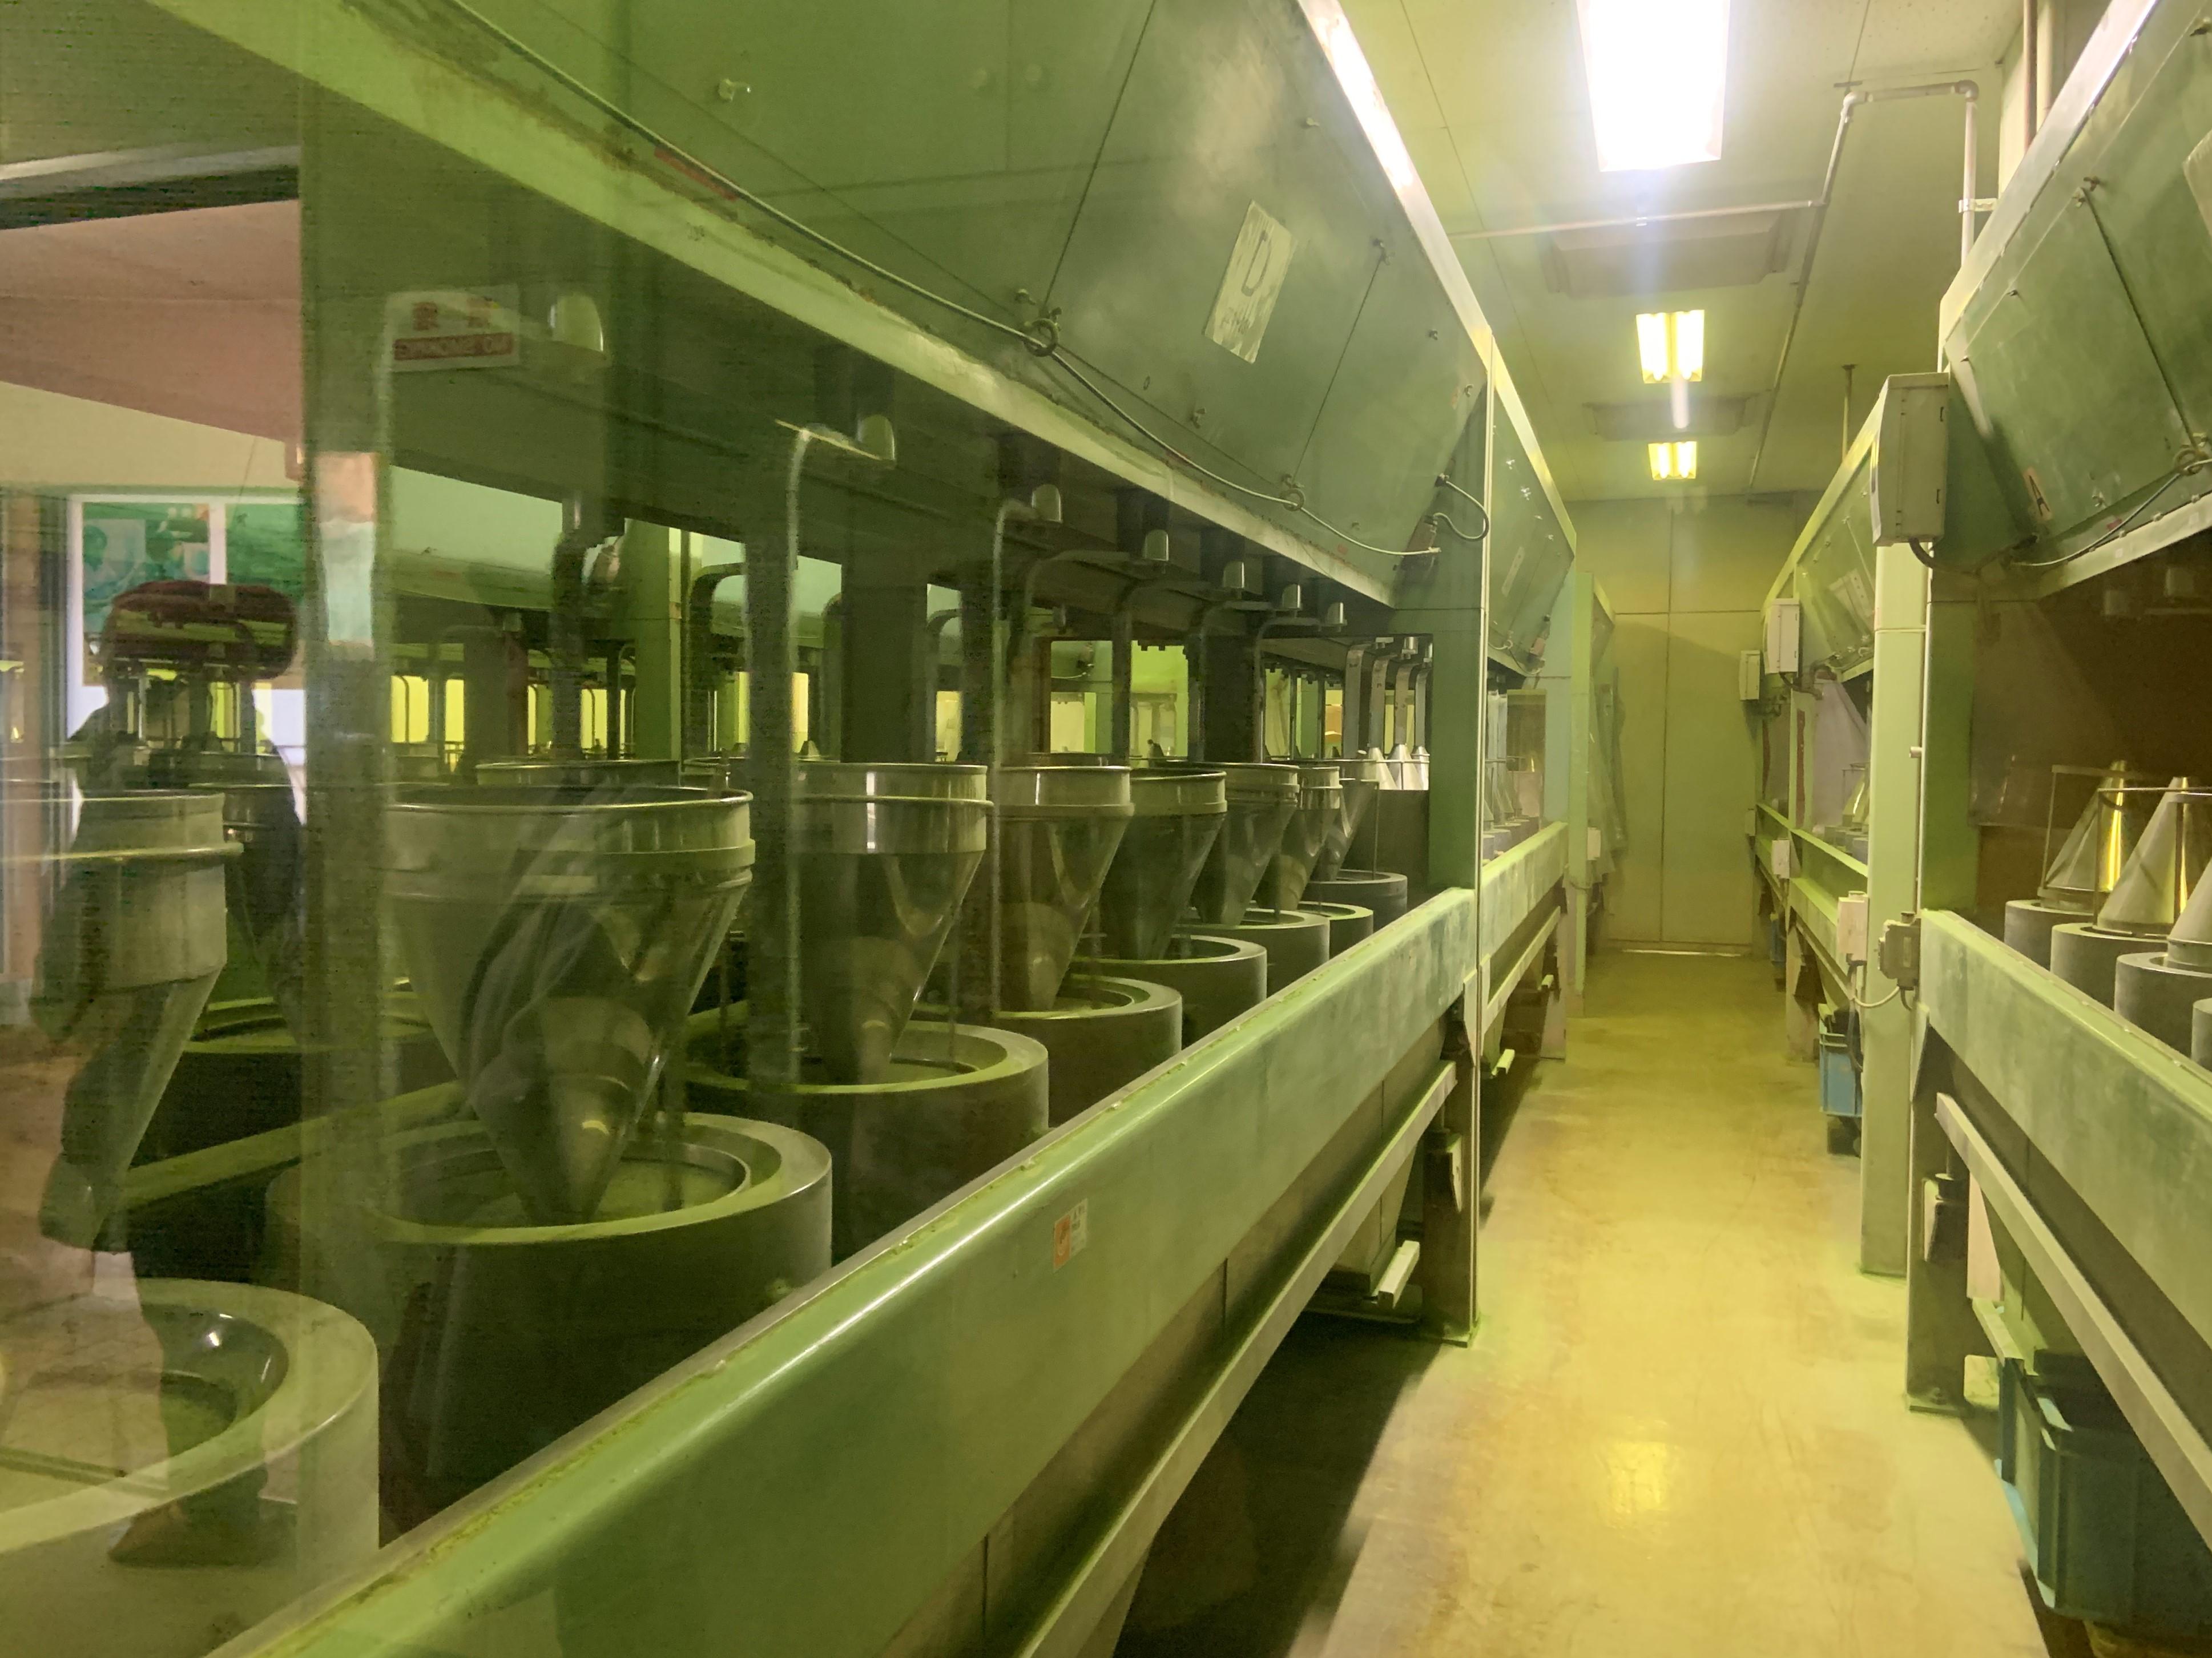 抹茶の一大生産地で茶葉が抹茶になるまでを見学&抹茶点て体験